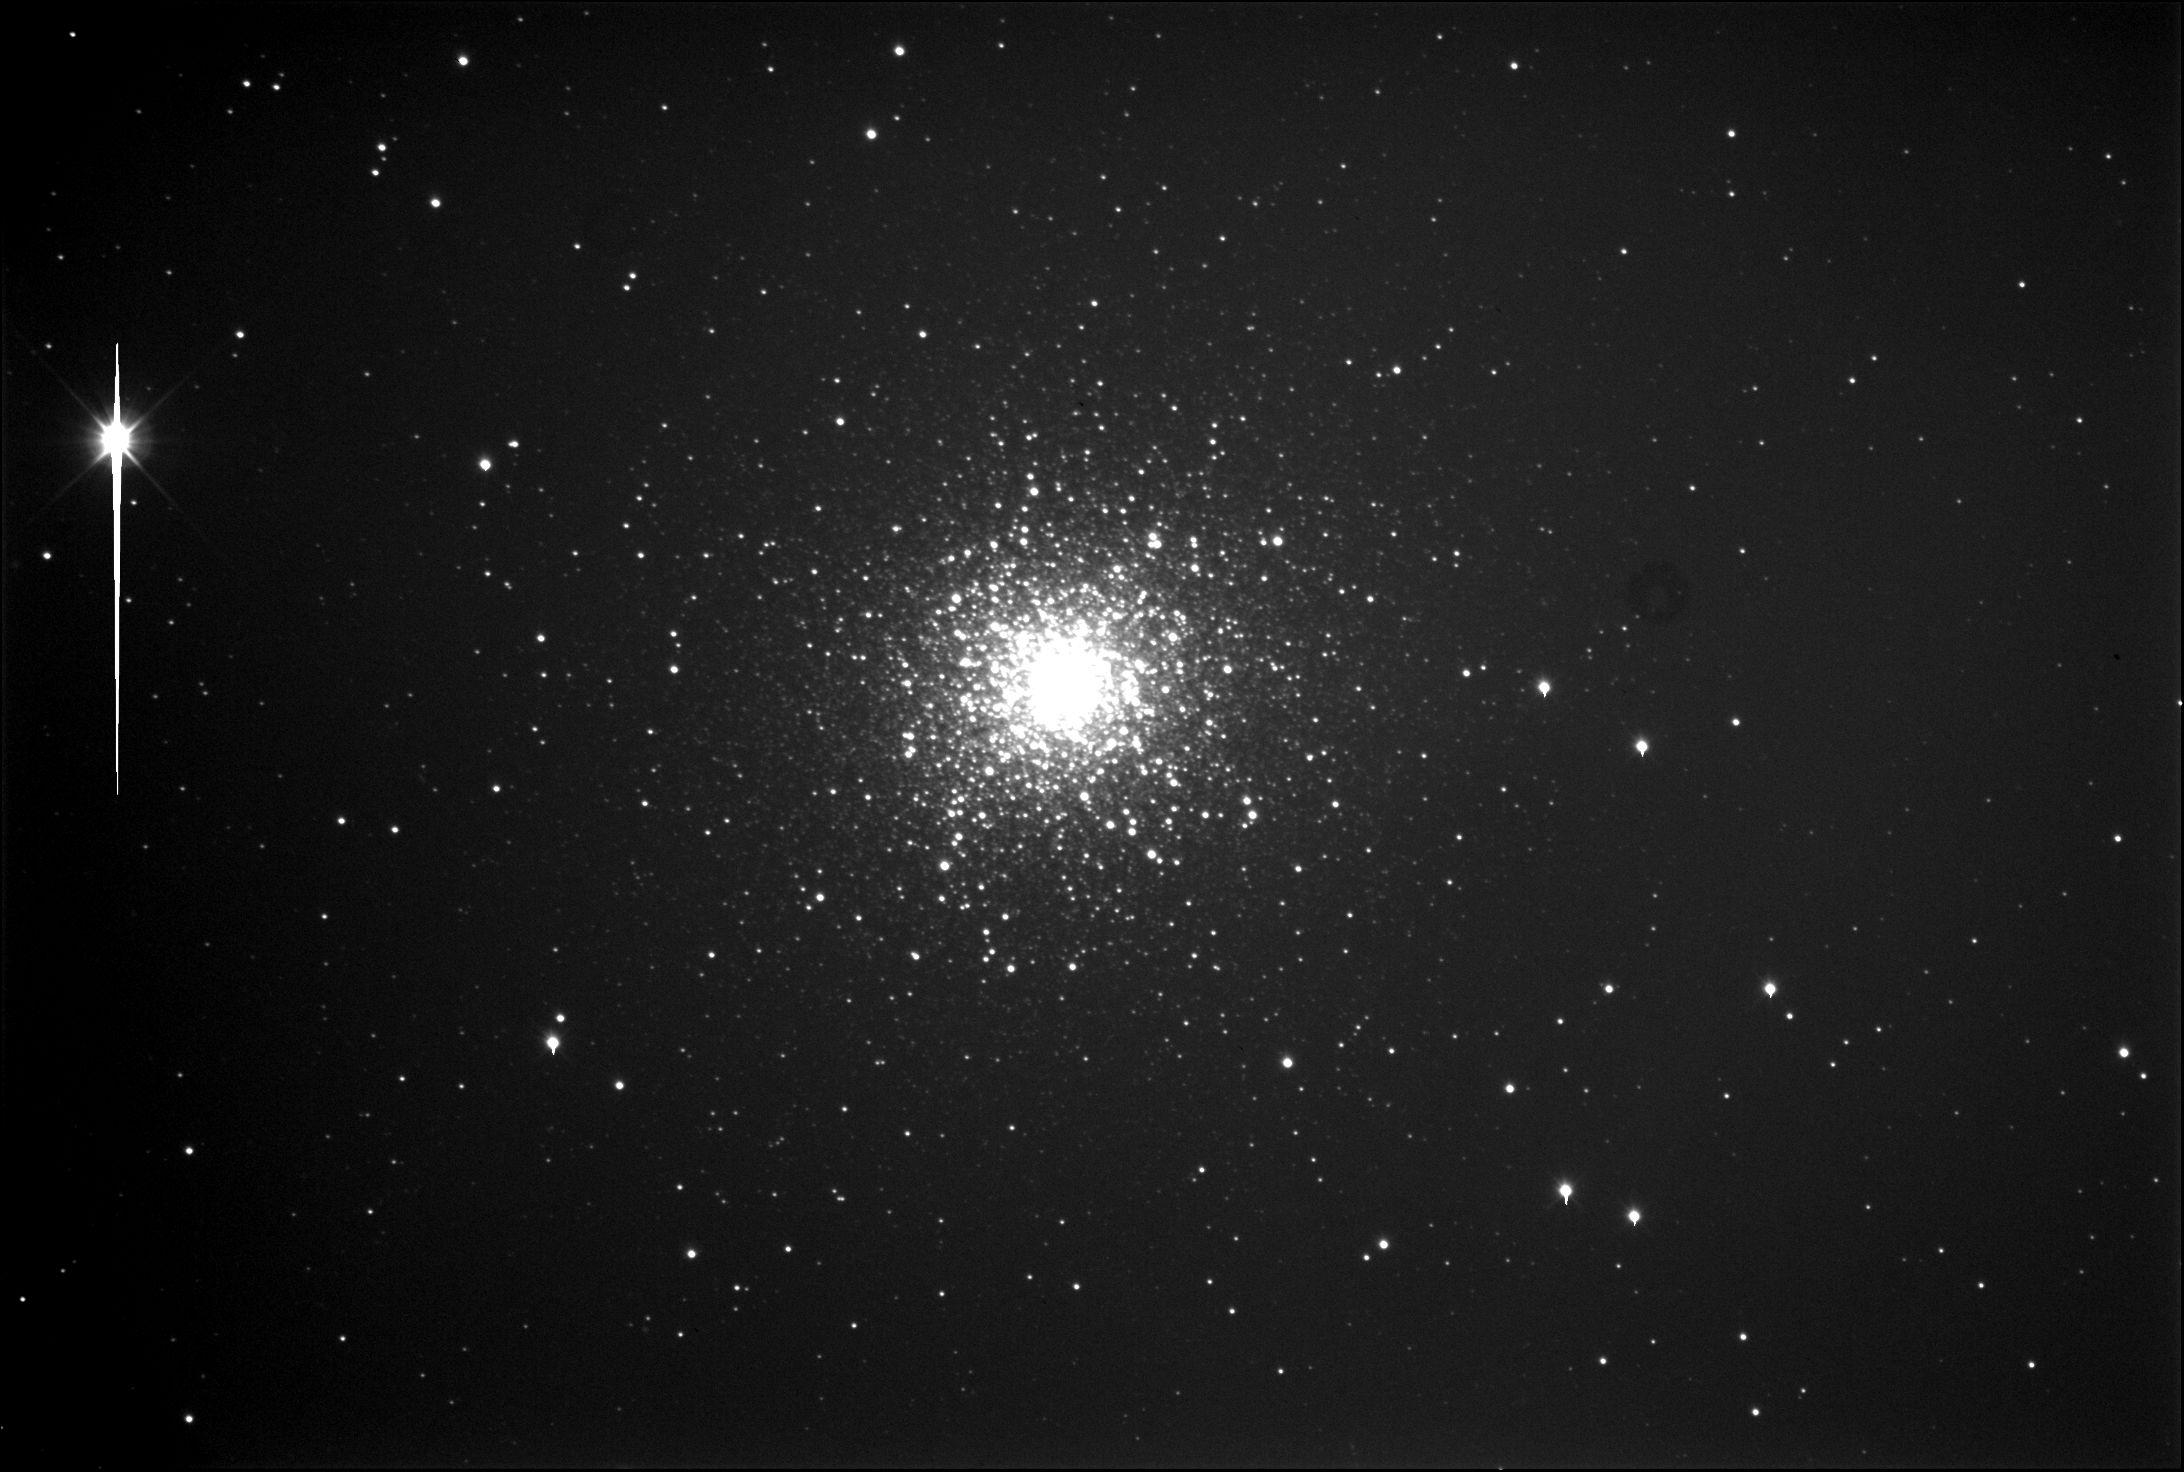 гигантская эллиптическая галактика